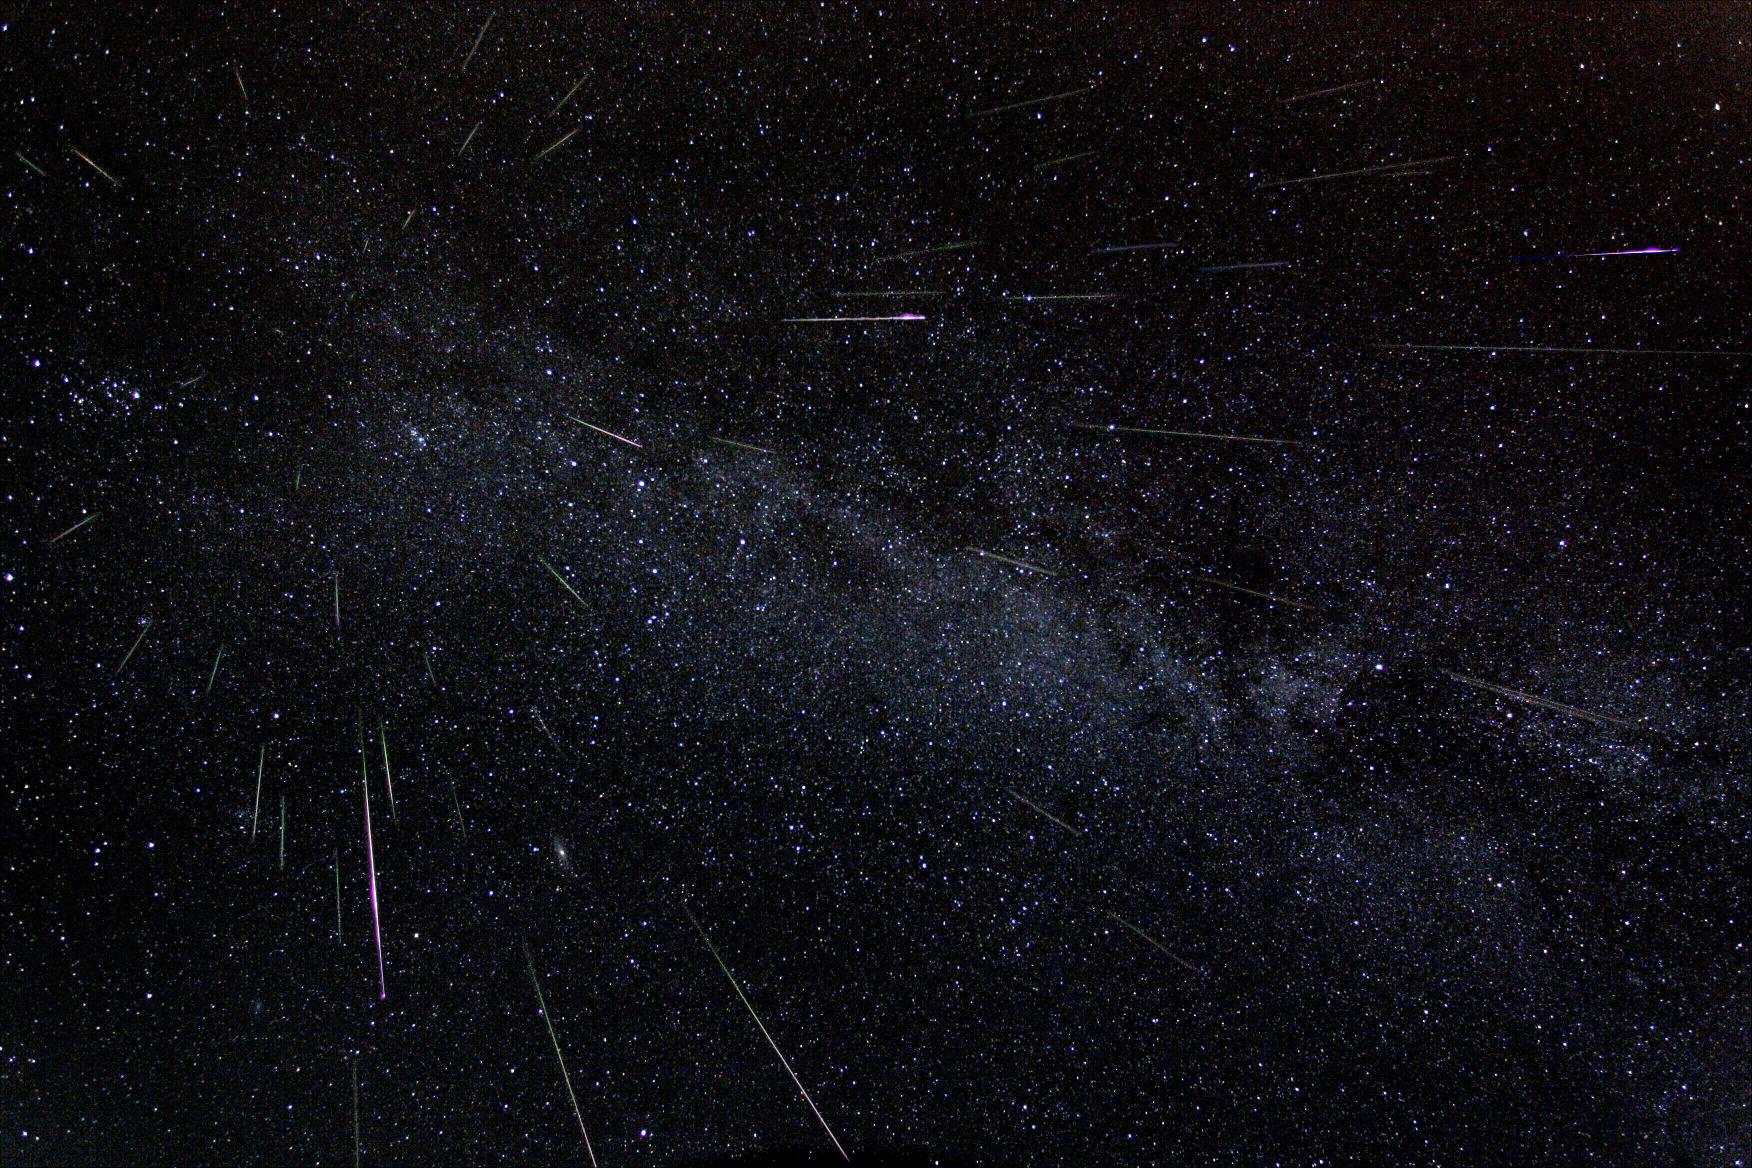 nasa tv to host perseid meteor shower program